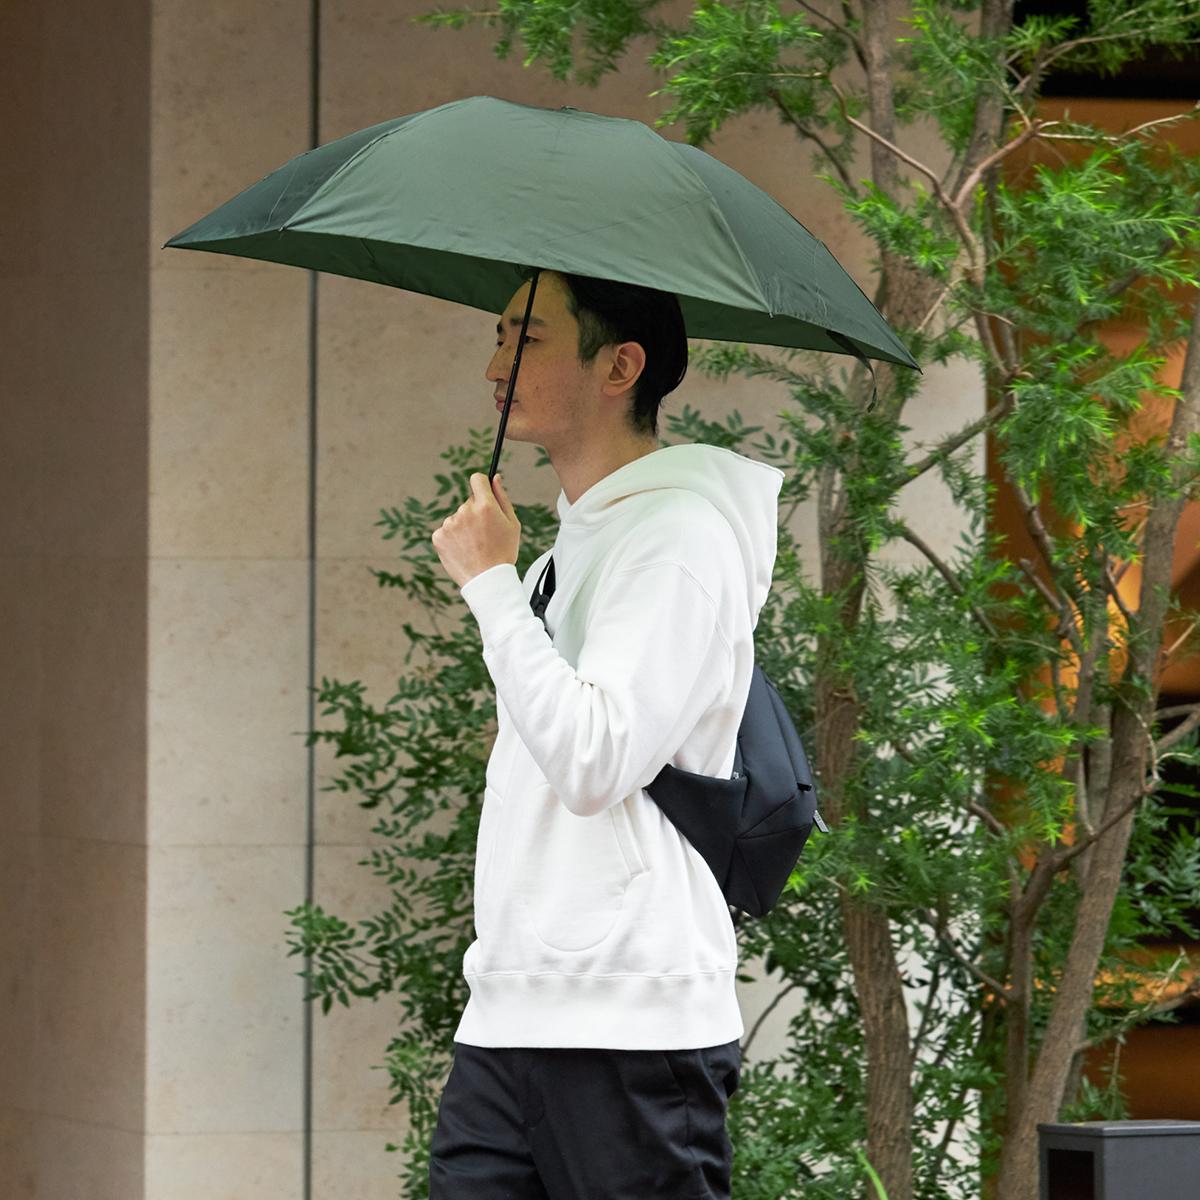 こんなに軽くて細いのに、強風に耐え、壊れにくいという、傘としての頼もしい構造も特筆モノ。水はじきバツグン、極細なのに耐風構造の「世界最軽量級折りたたみ傘」|Pentagon72